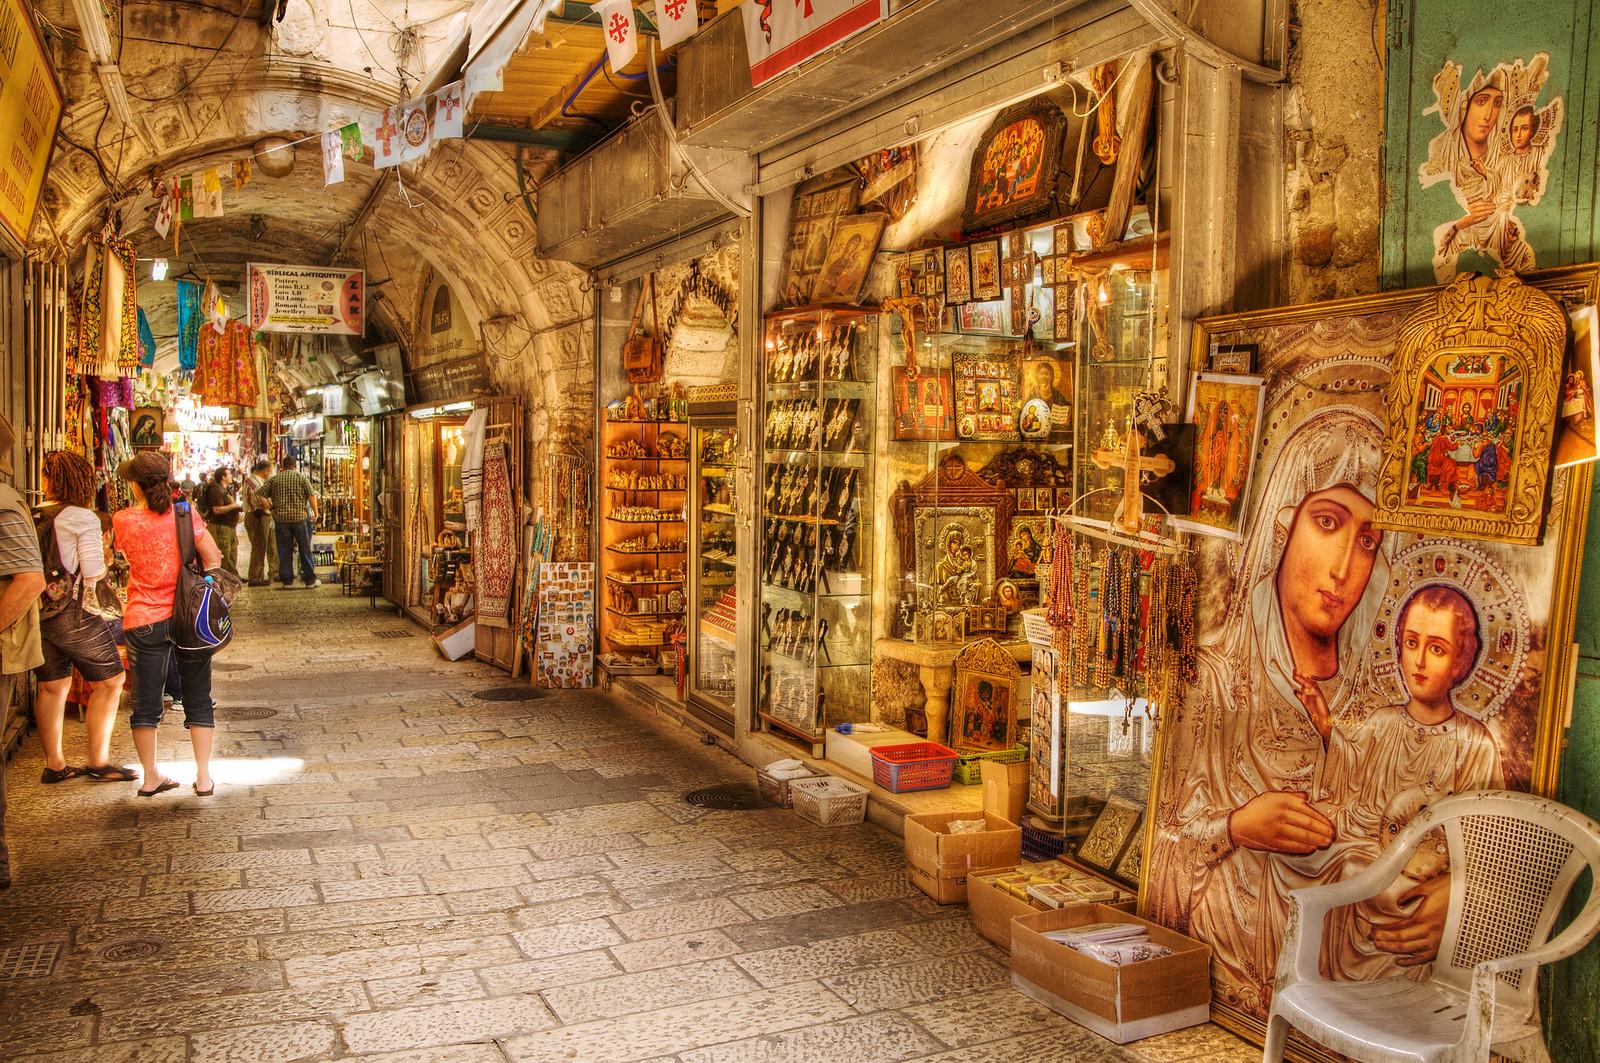 Jerusalem_Old City market_1_Noam Chen_ IMOT